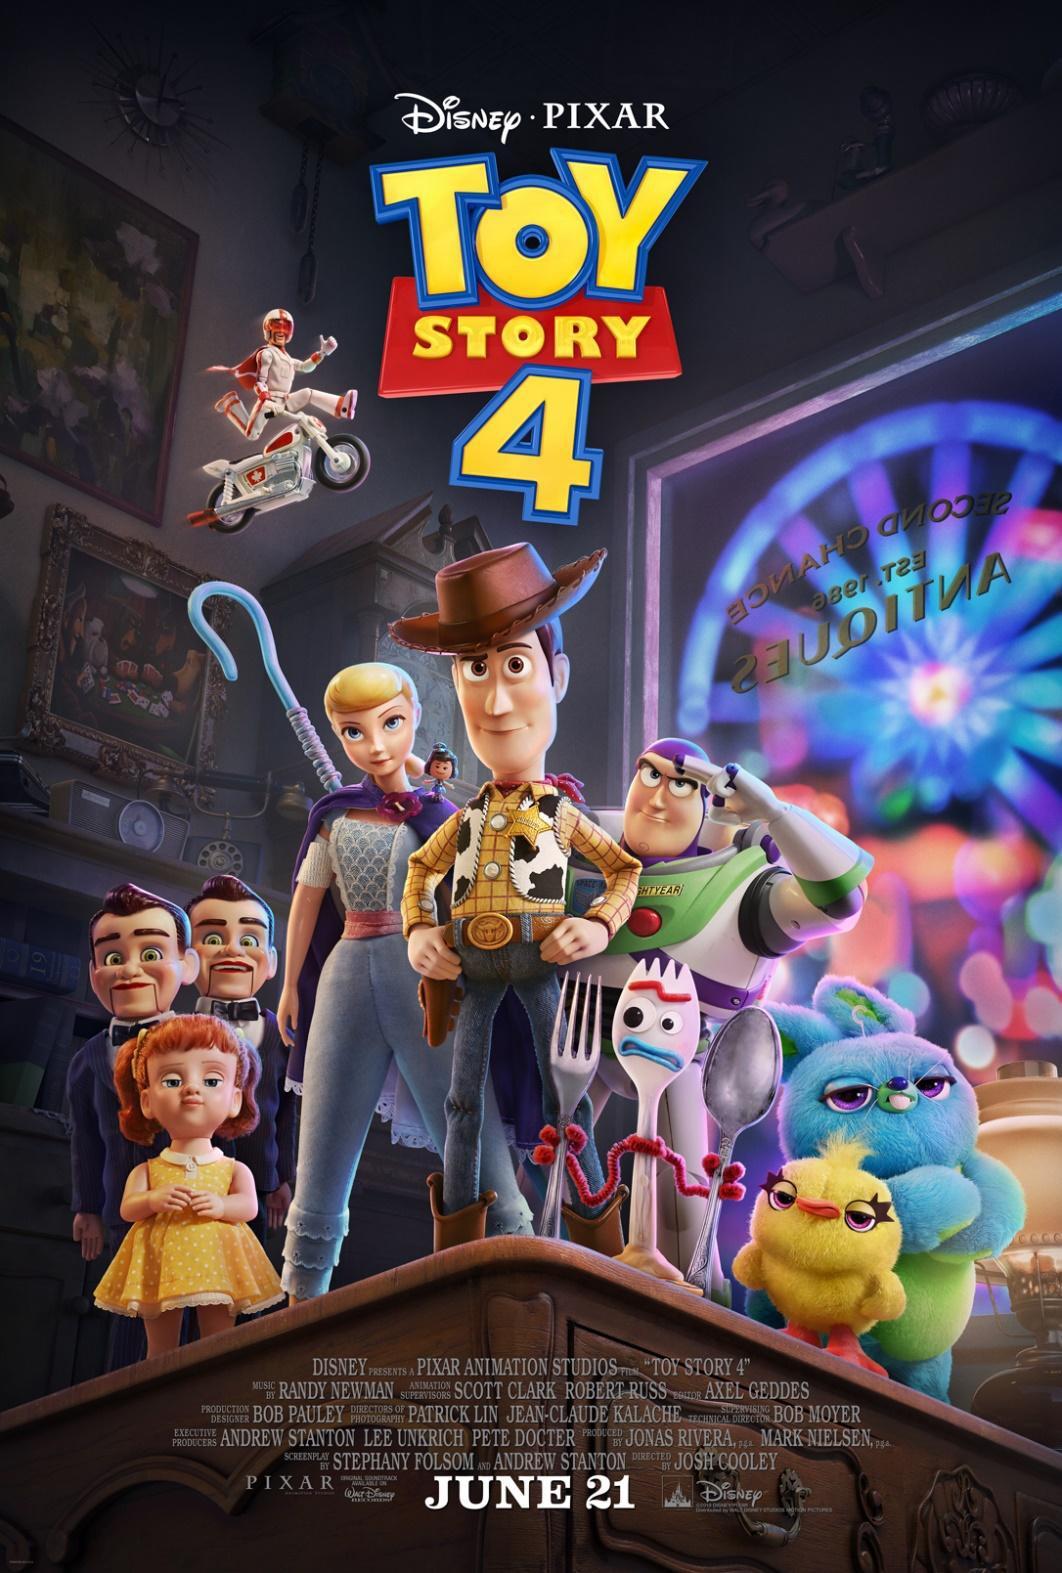 Toy Story 4 được khen ngợi tuyệt đối với 100% phiếu bé ngoan tròn trĩnh từ giới phê bình - Ảnh 7.